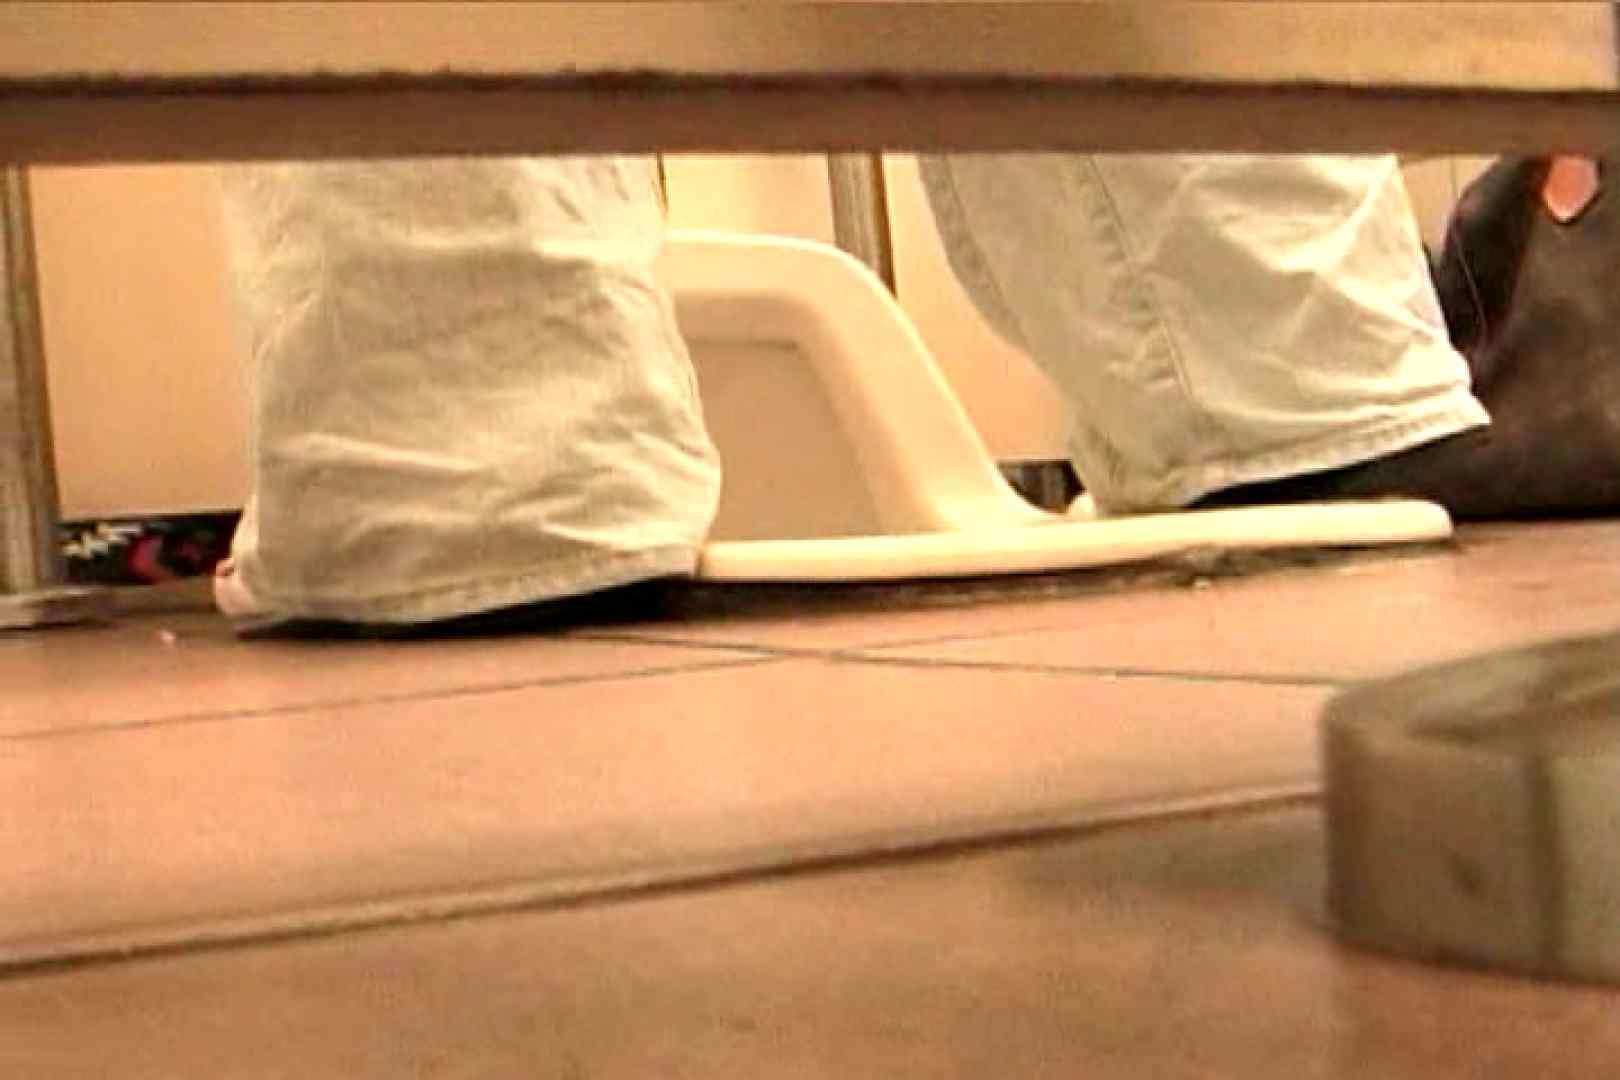 マンコ丸見え女子洗面所Vol.42 おまんこ無修正 のぞき動画キャプチャ 100画像 3